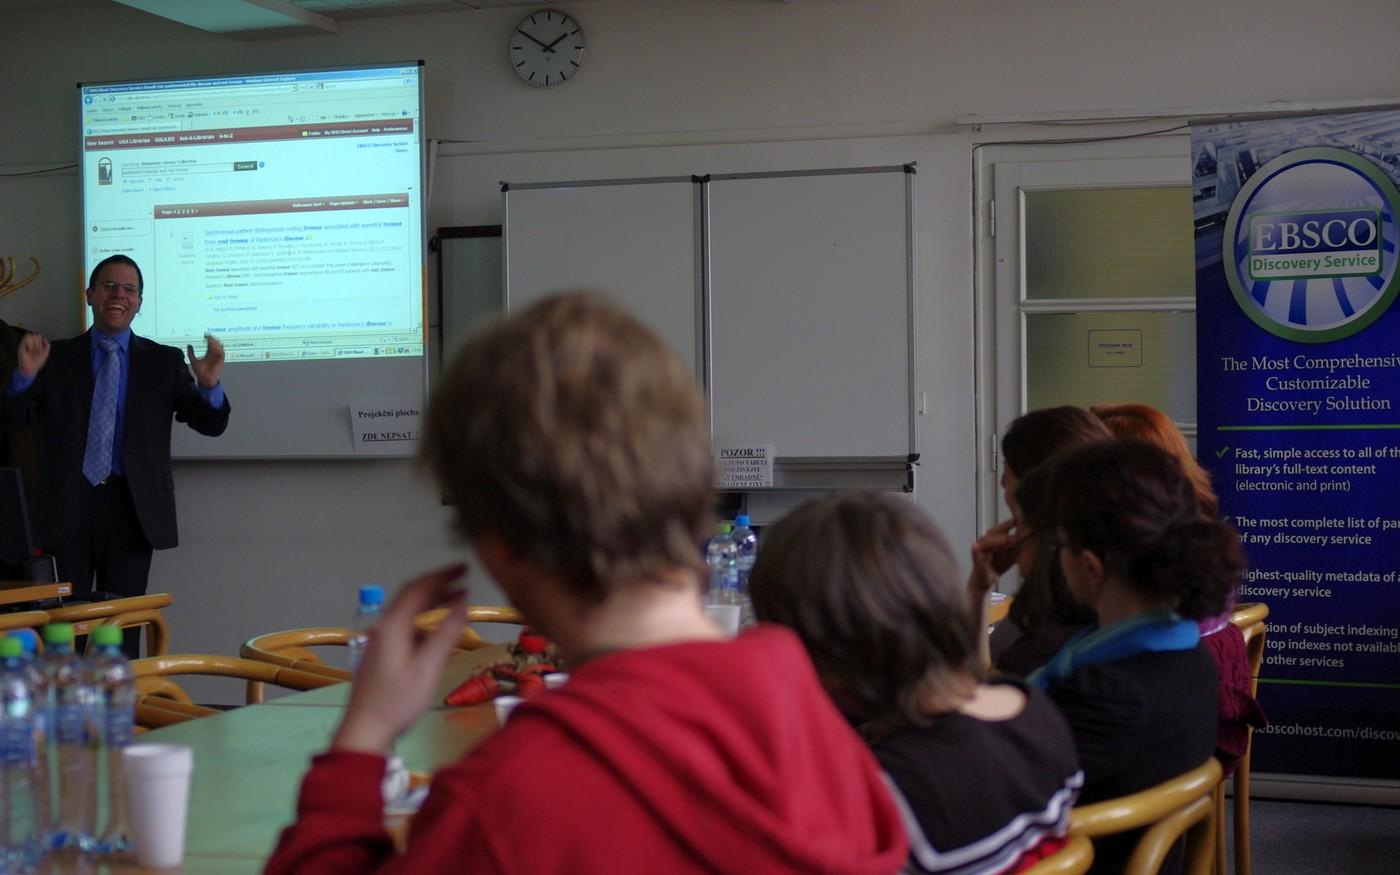 Claus Wolf zněmecké pobočky EBSCO Publishing pojal představení funkcí nového systému zábavně, avšak poučně. Naslouchalo mu přibližně třicet zástupců odborné veřejnosti